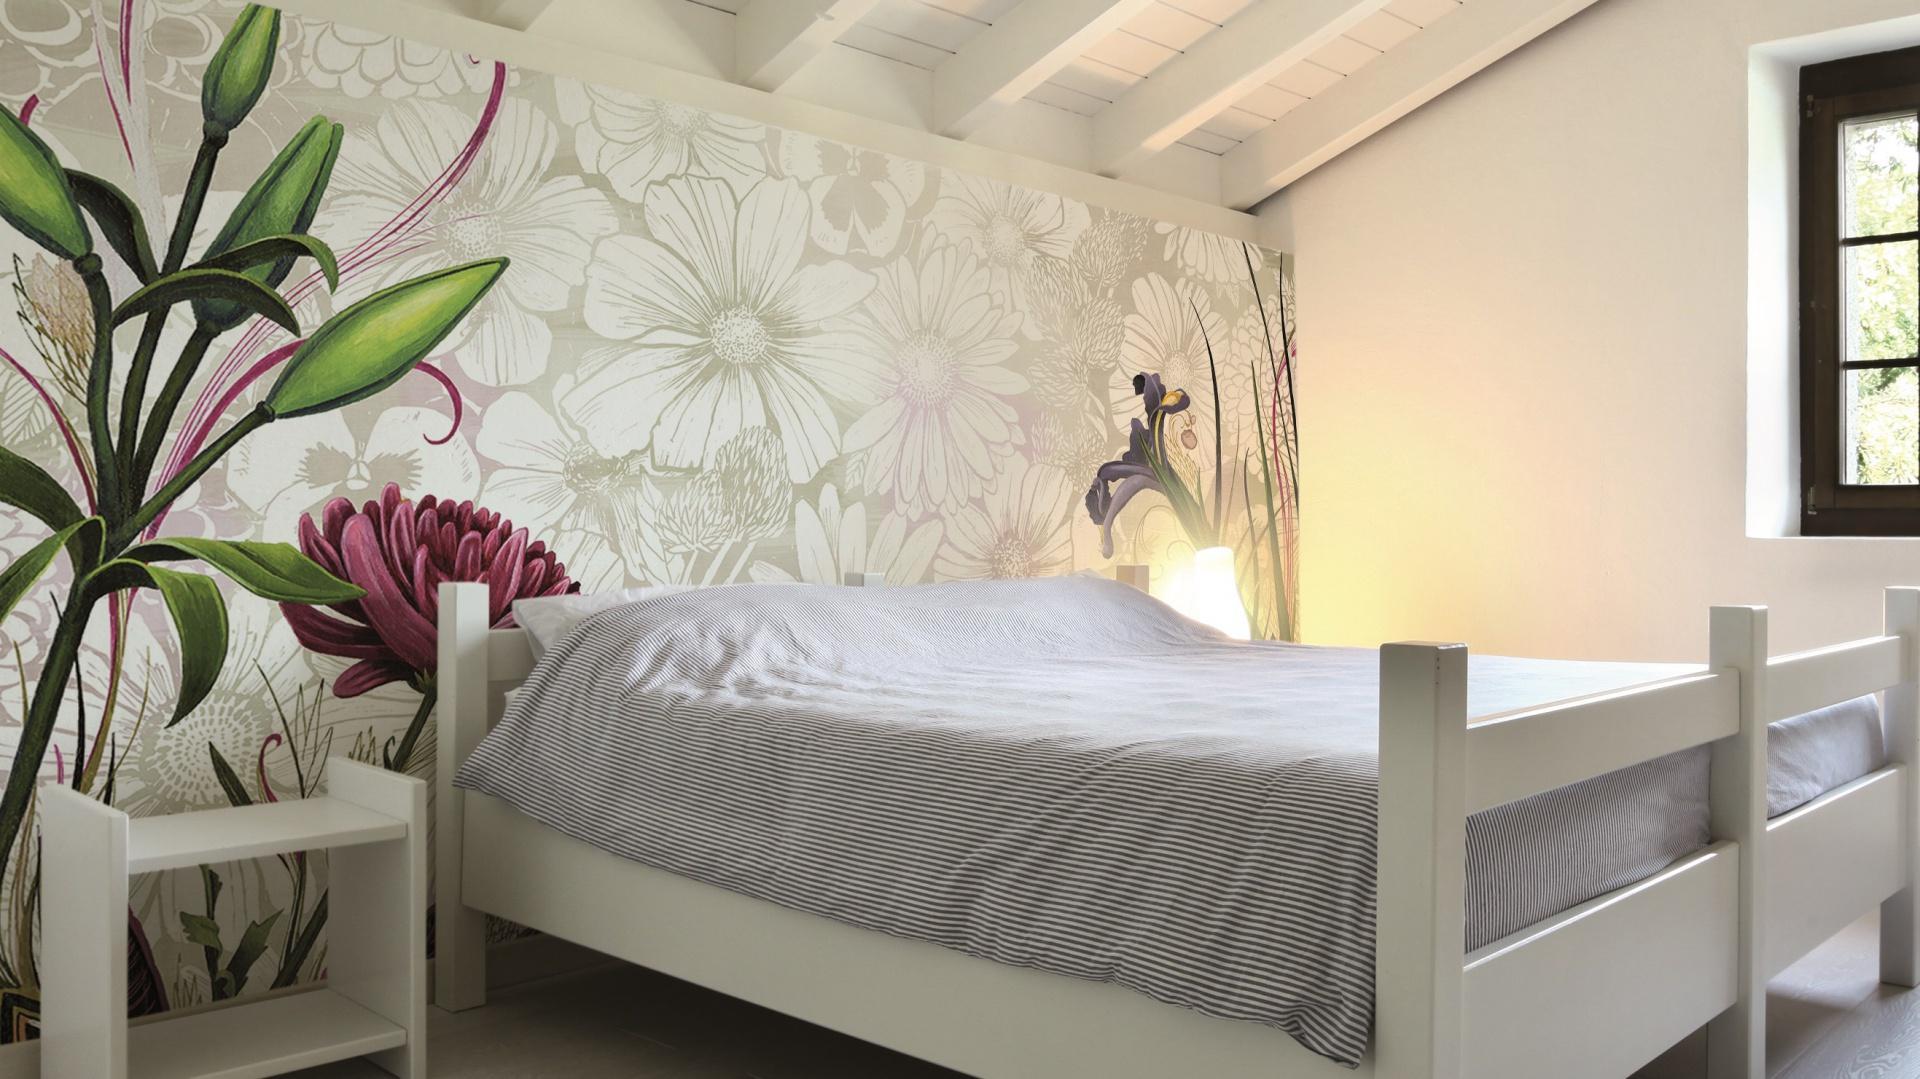 Grafika ścienna Flower z kolekcji Symbiosis marki Glamora (proj. Gina Triplett; dystrybucja Dekorian) wykonana na materiale winylowym ożywi wnętrze i wprowadzi radosny wiosenno-letni klimat. Fot. Glamora